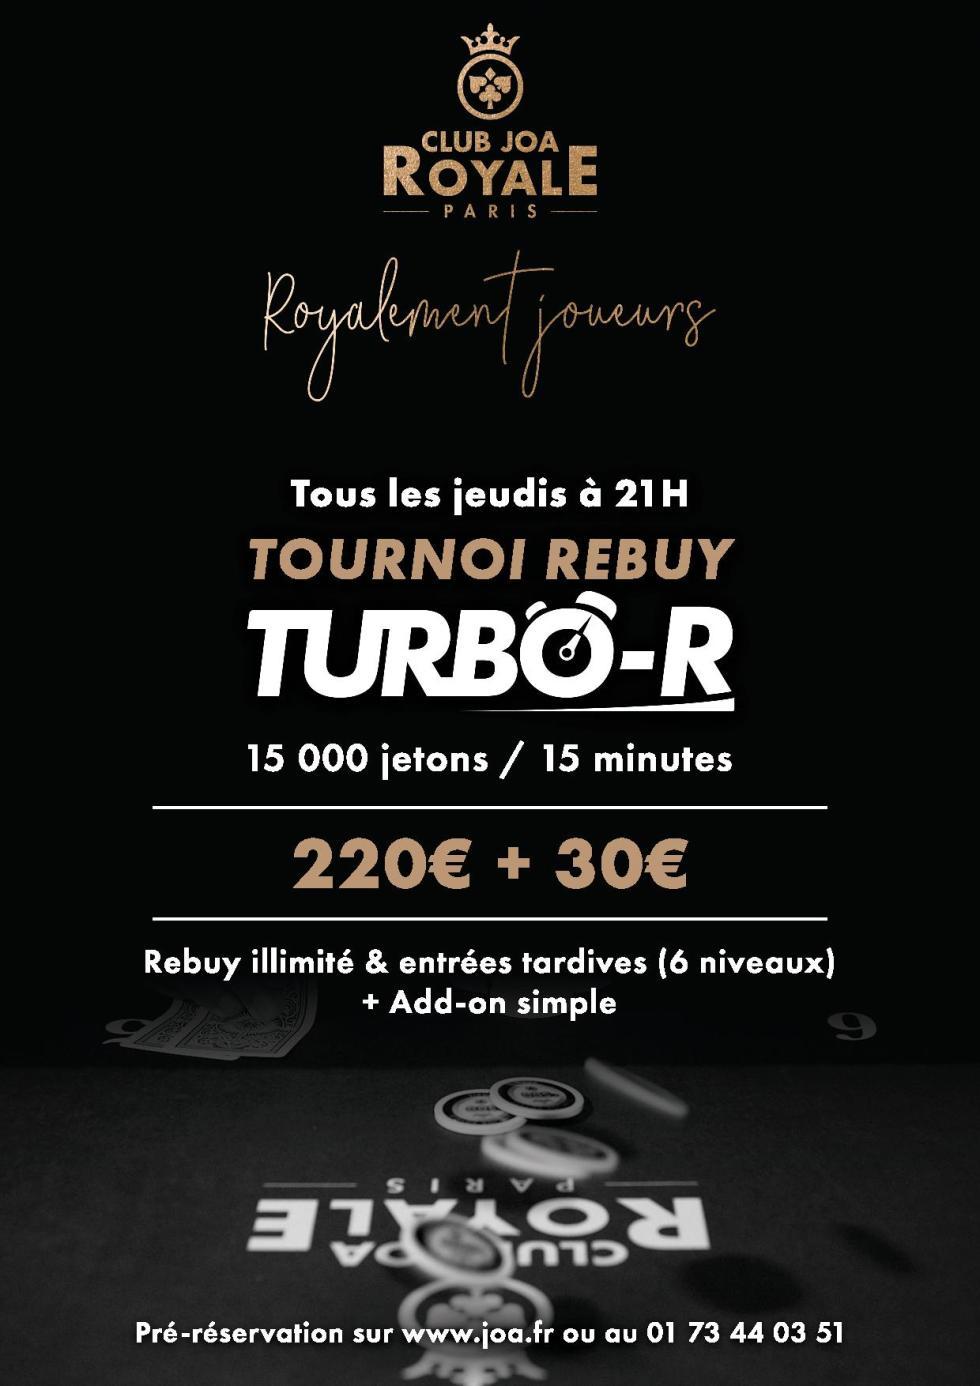 Tournoi Turbo-R-page-001